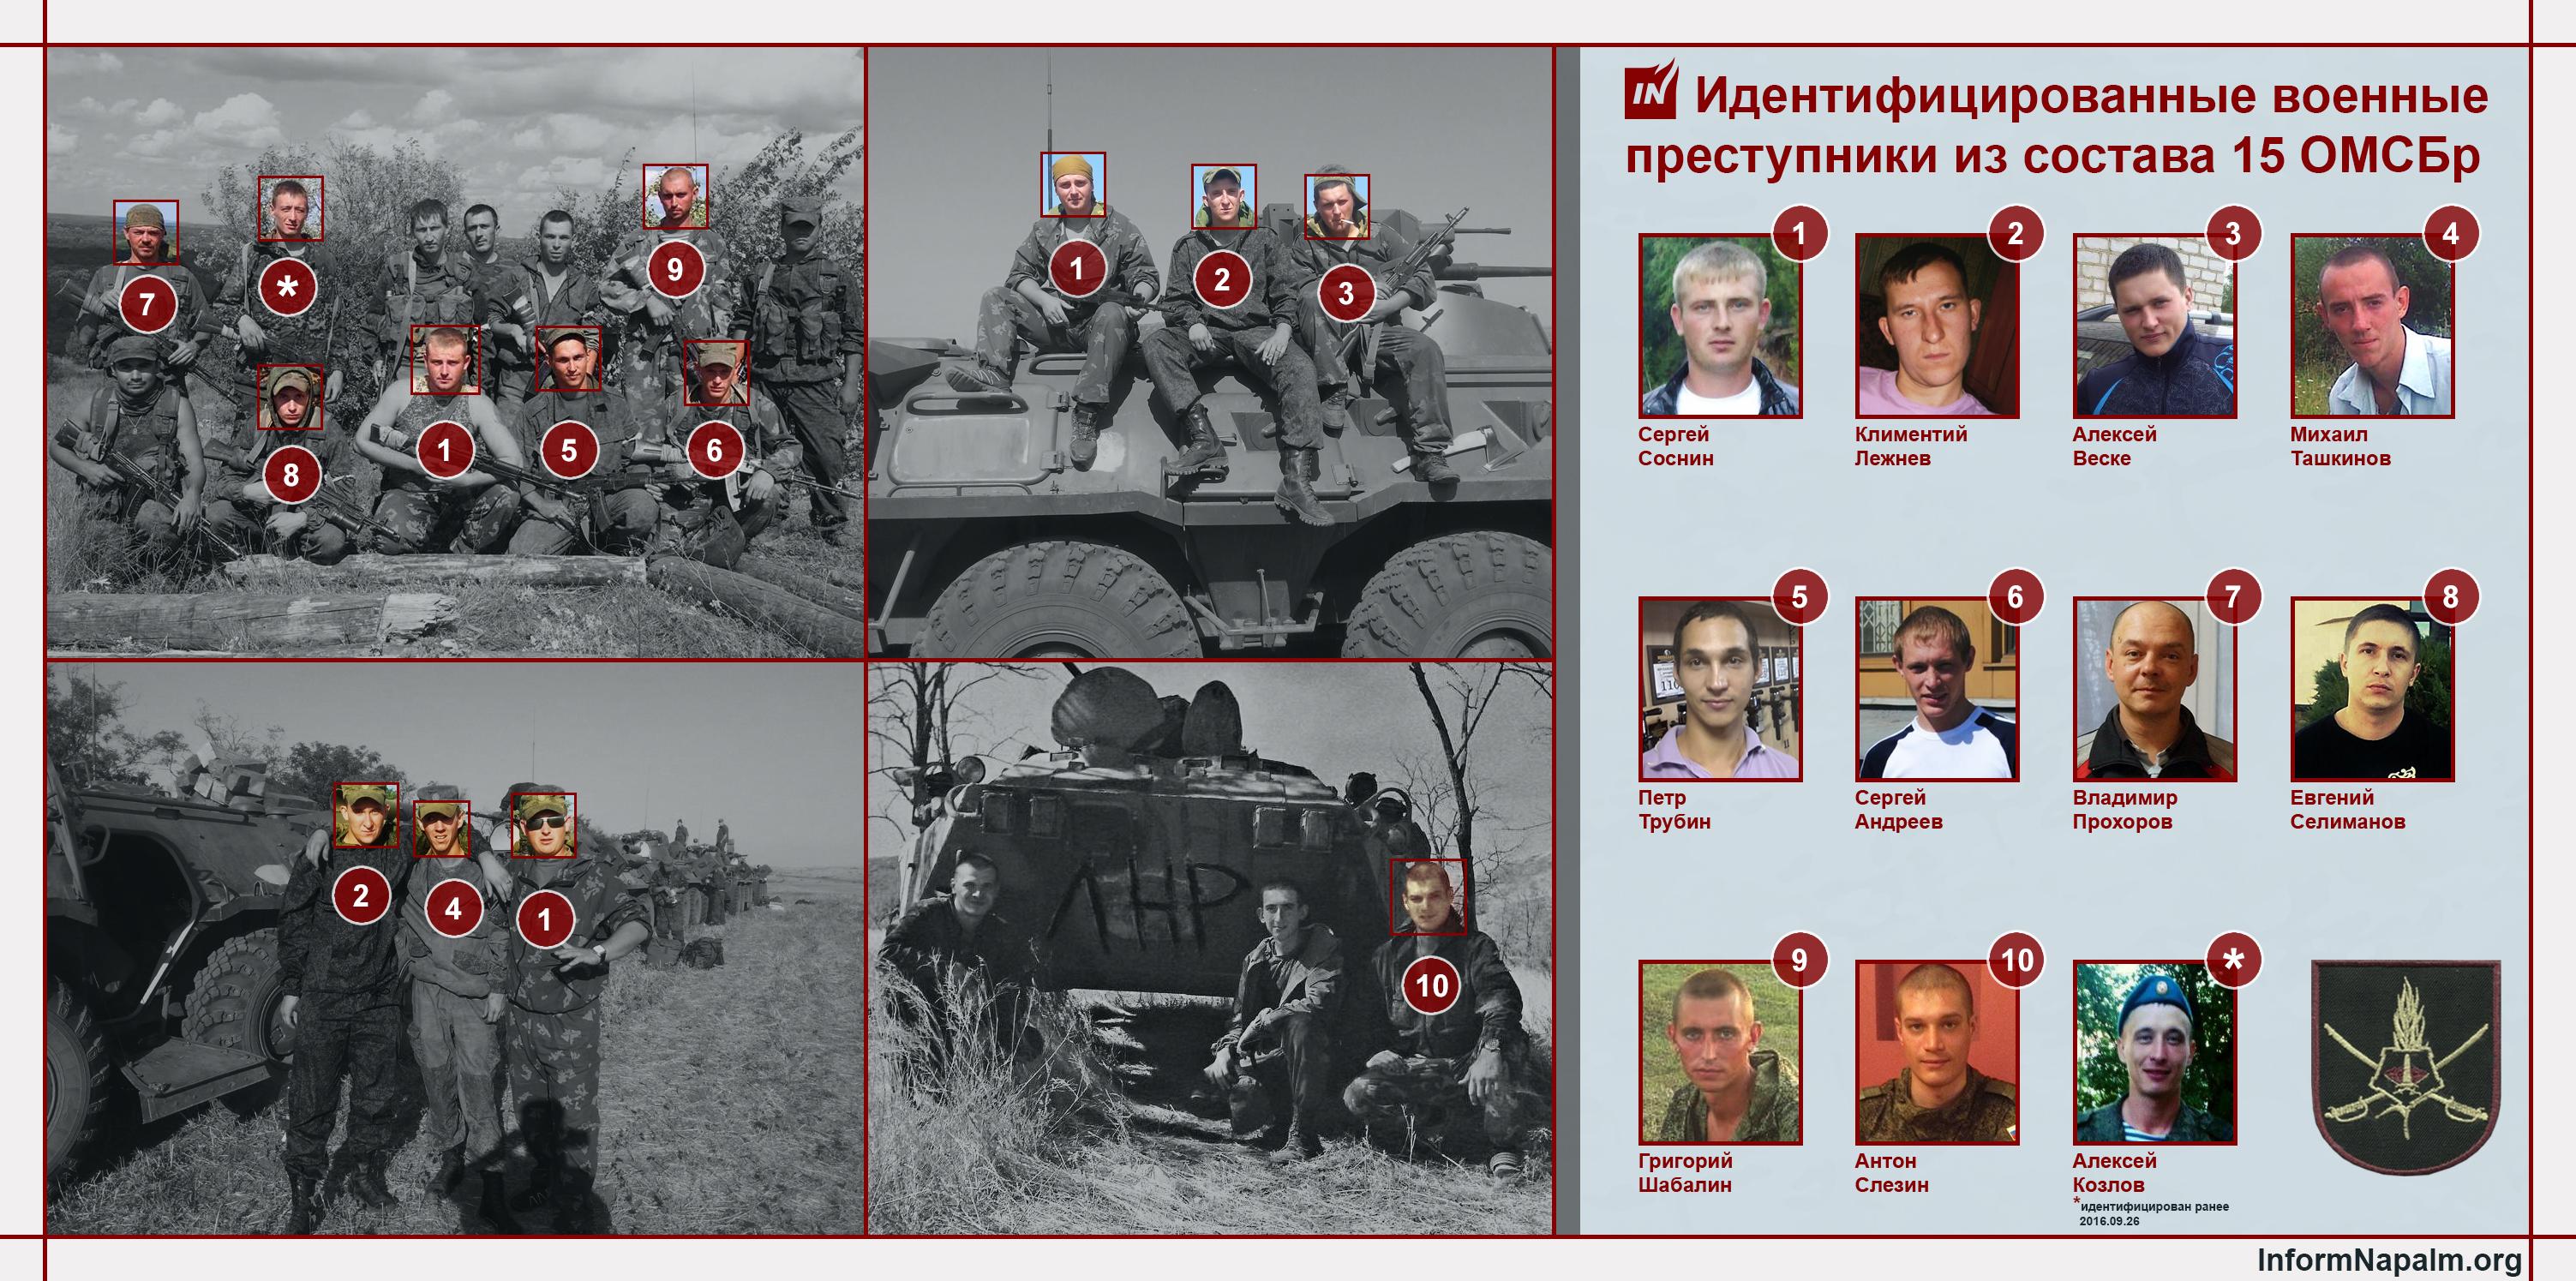 Den ryska 15:e brigaden inblandad i kriget mot Ukraina